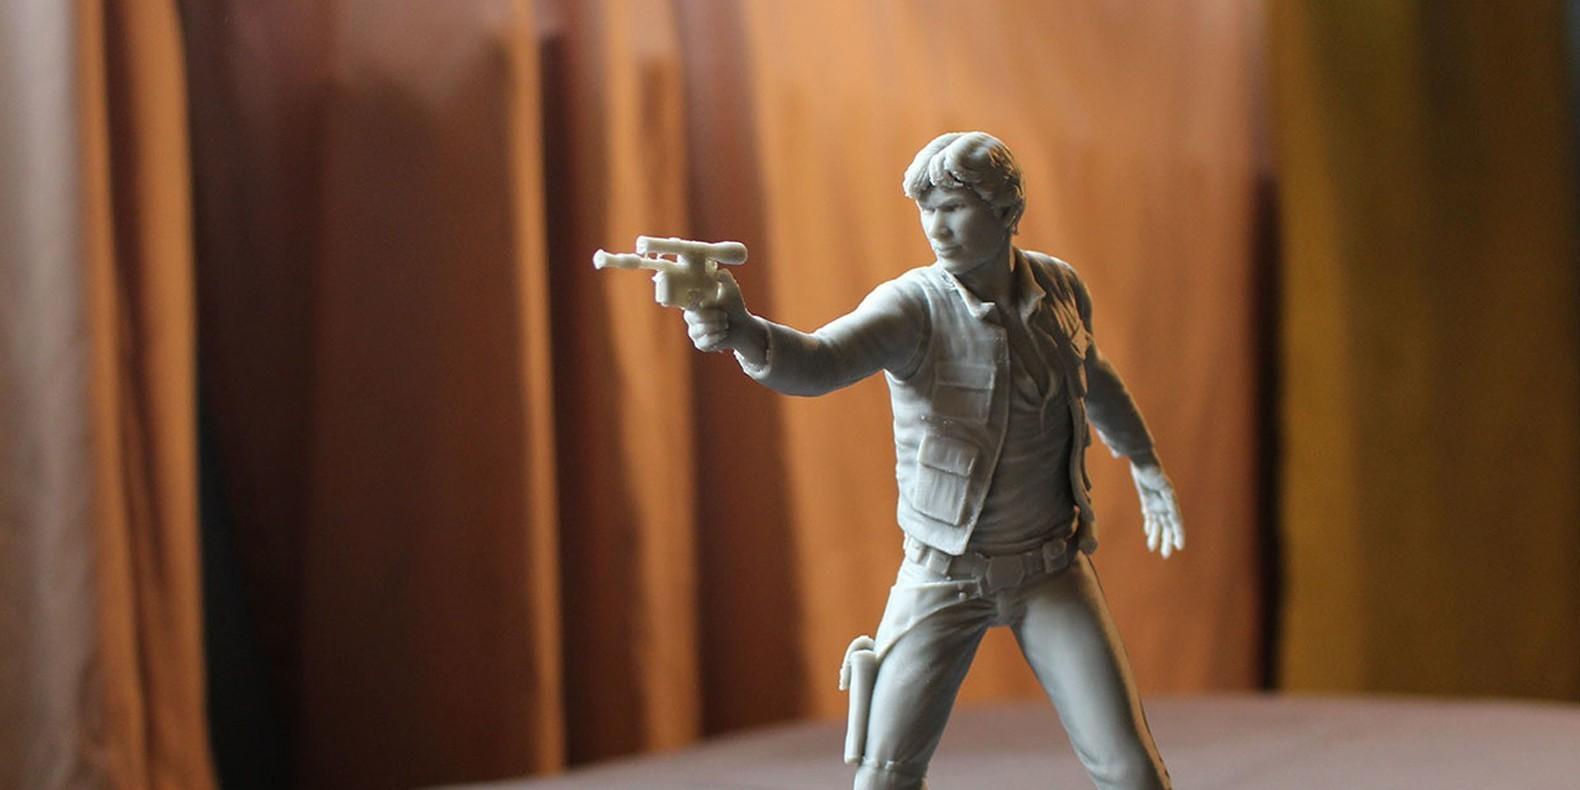 Encuentre aquí una selección de los mejores modelos 3D de Star Wars para hacer con una impresora 3D